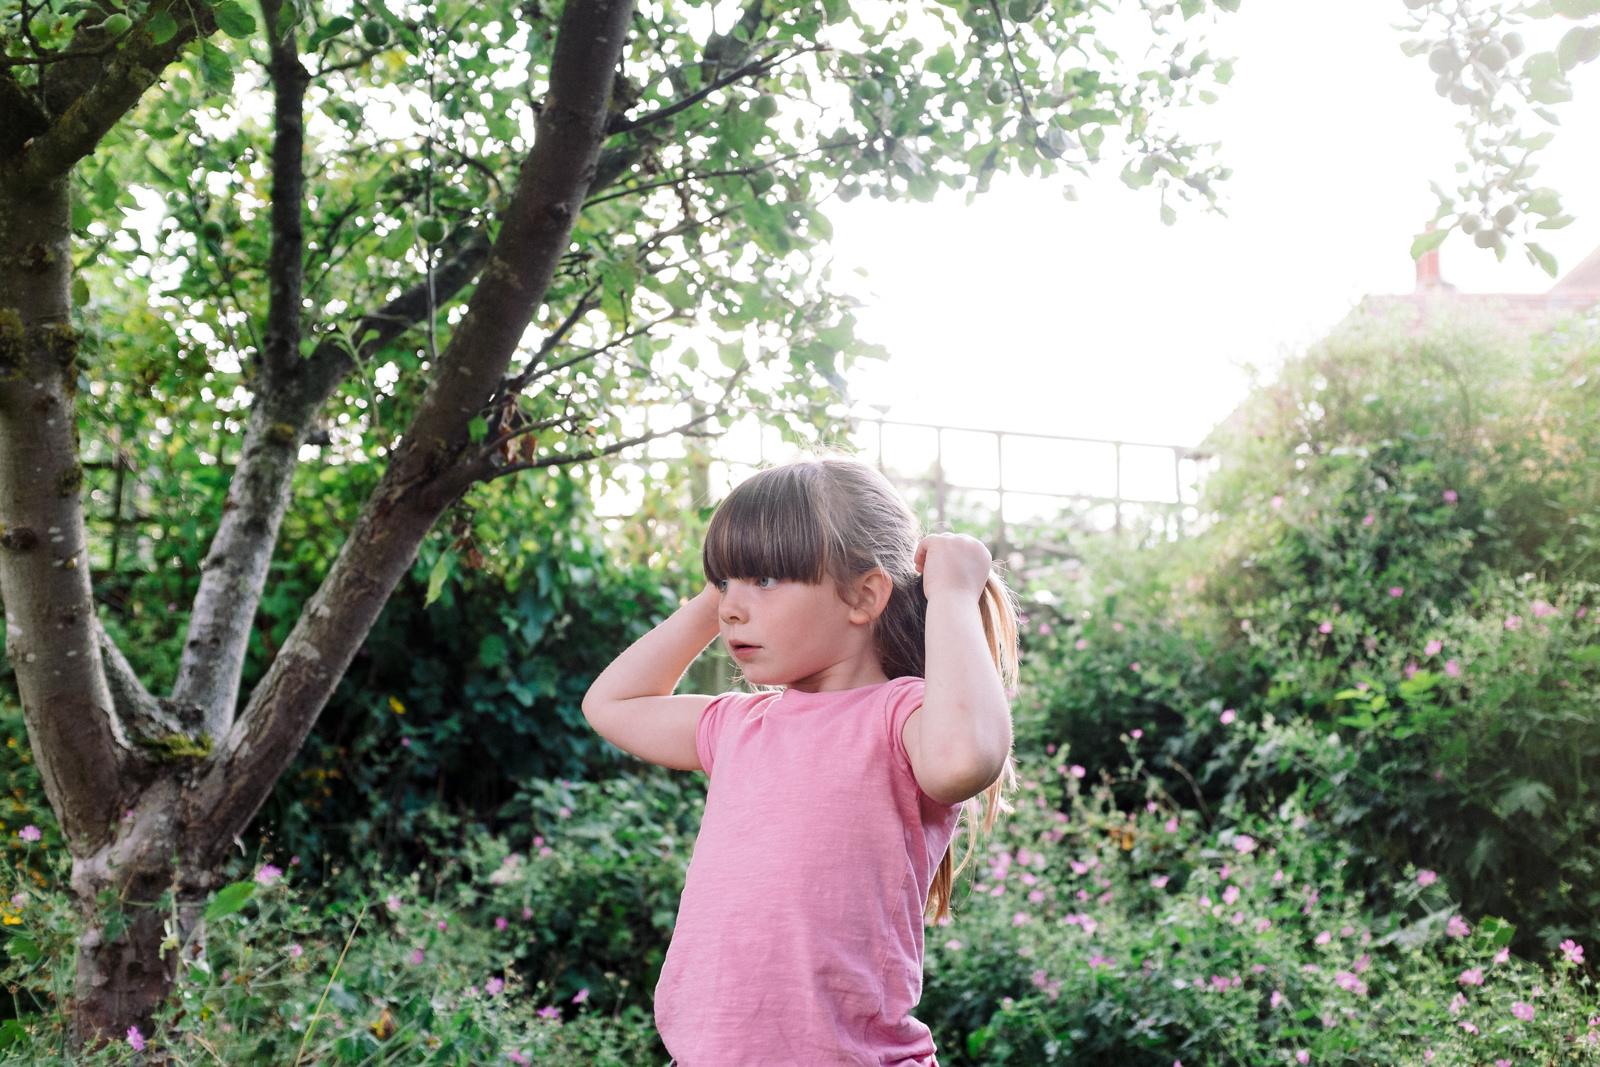 apple-picking-in-the-garden-05.jpg